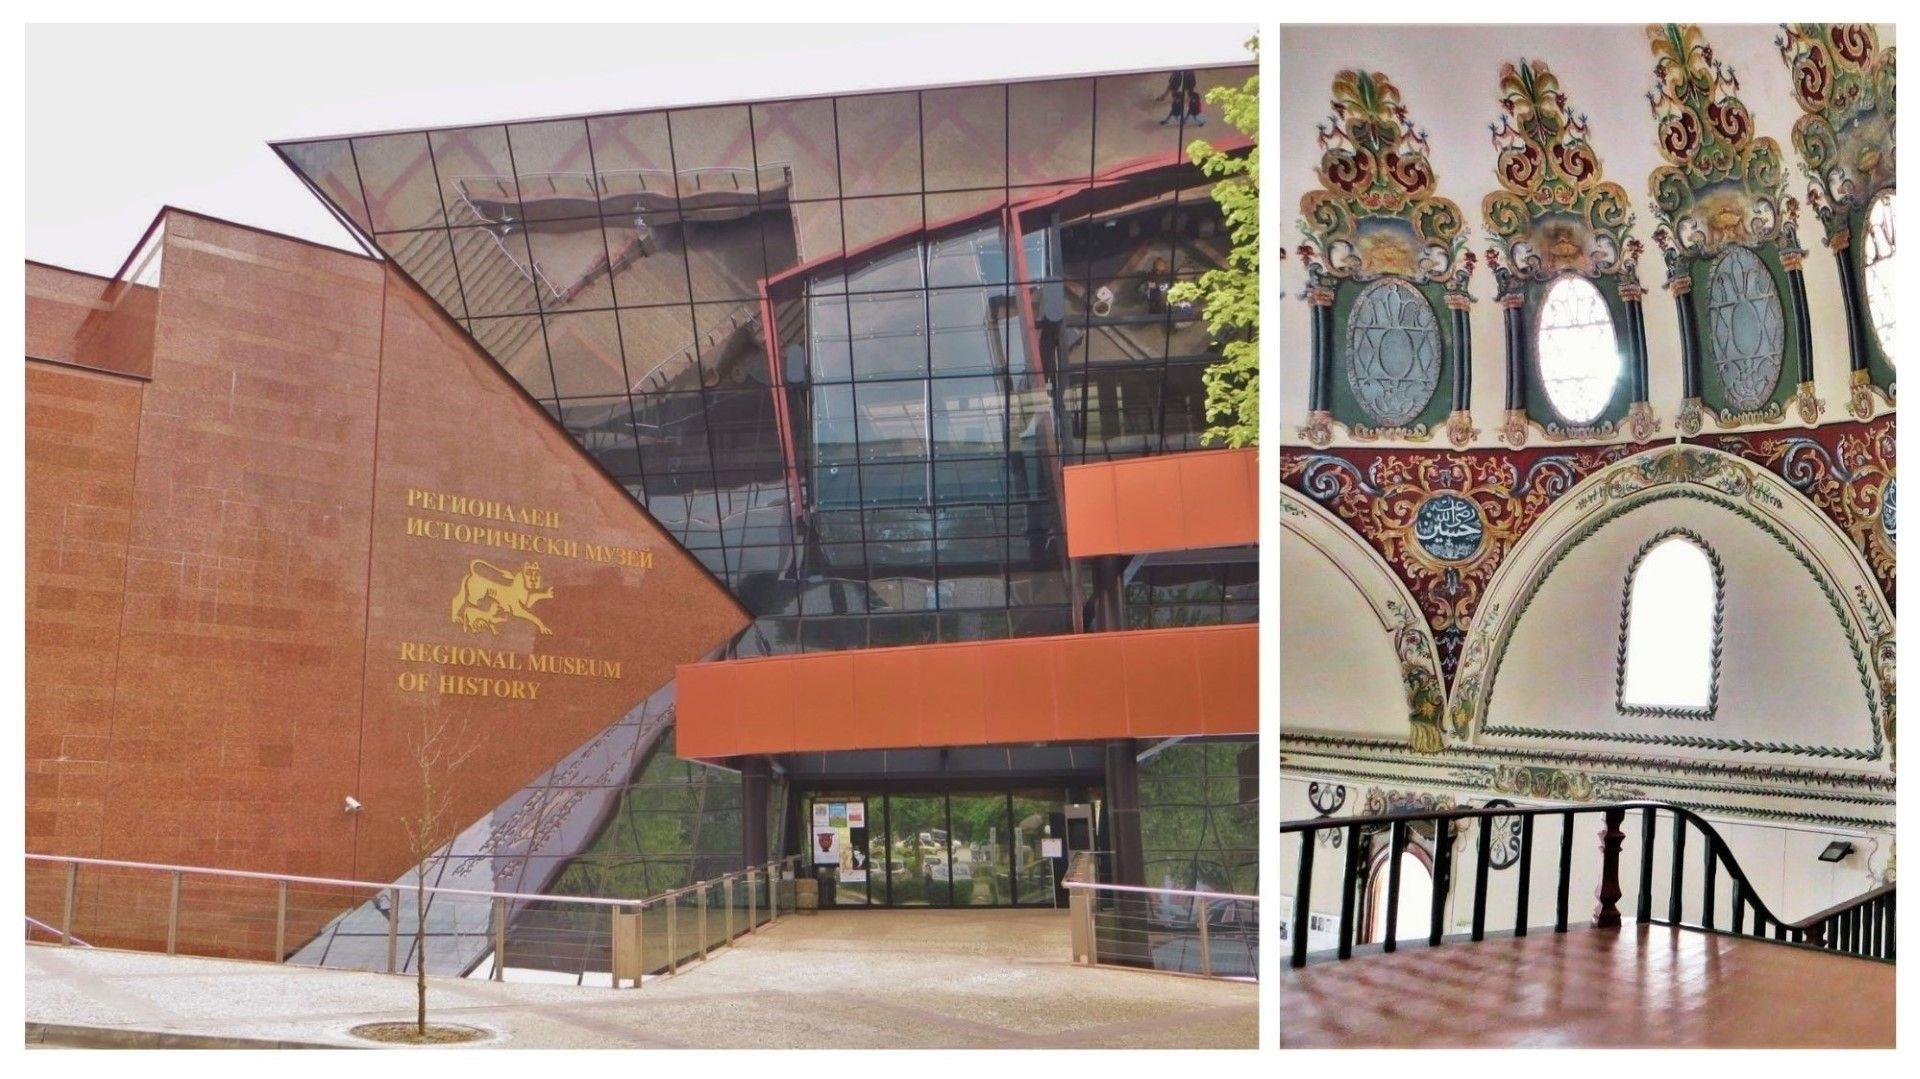 Старозагорският исторически музей (вляво) и Музеят на религиите (вдясно) са малко известни, но са истински находки